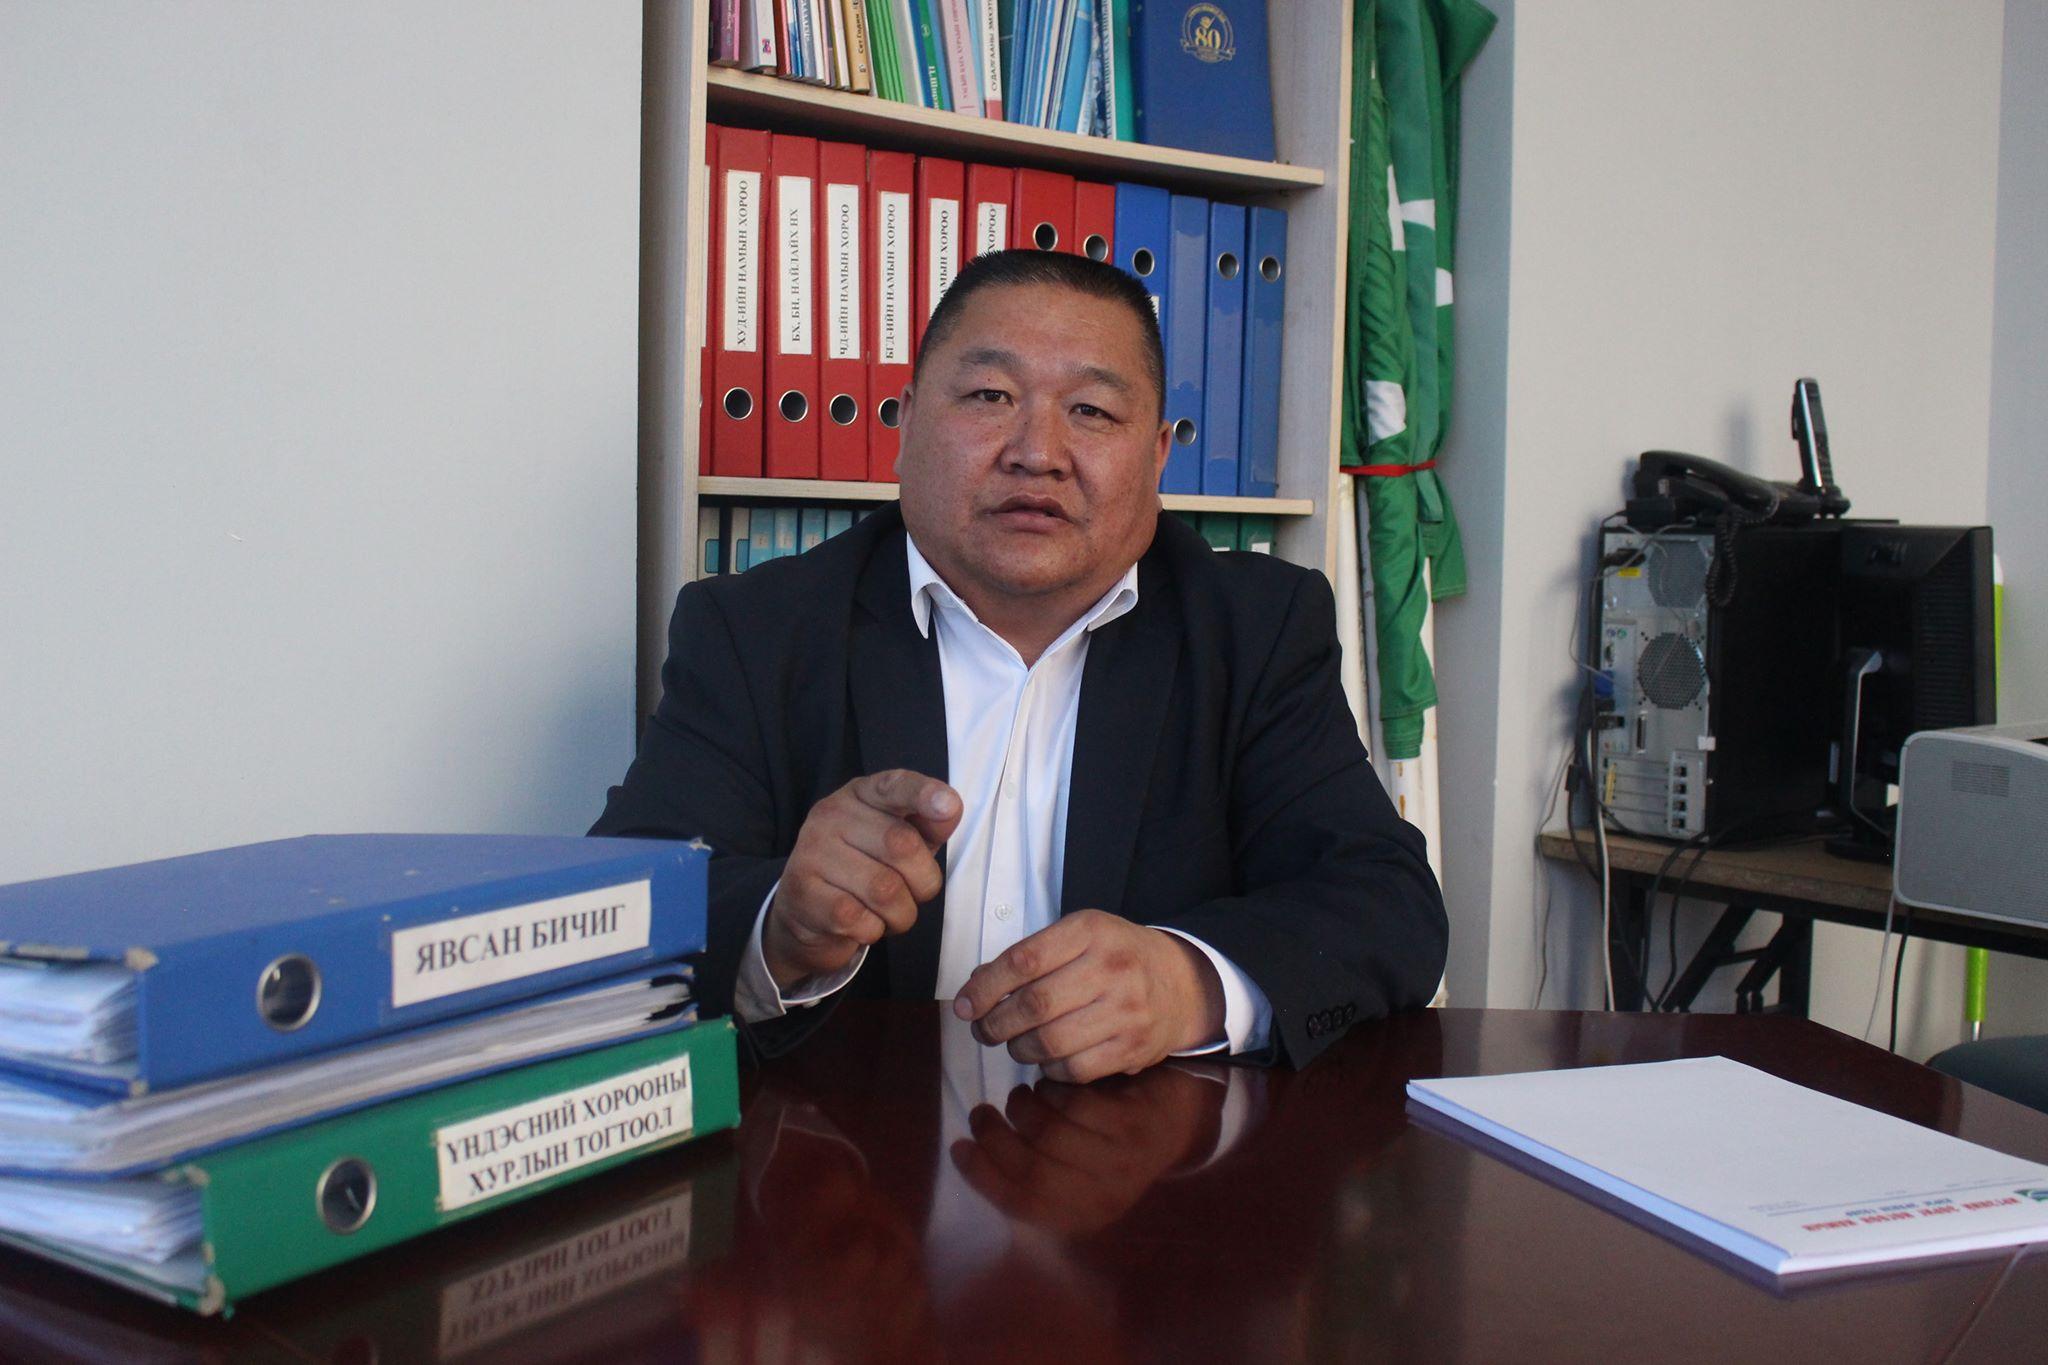 С.Батбаатар: Хятадууд Халх гол орчмоос хадлан нэрээр эмийн ургамал түүж, хилээр гаргаж байна